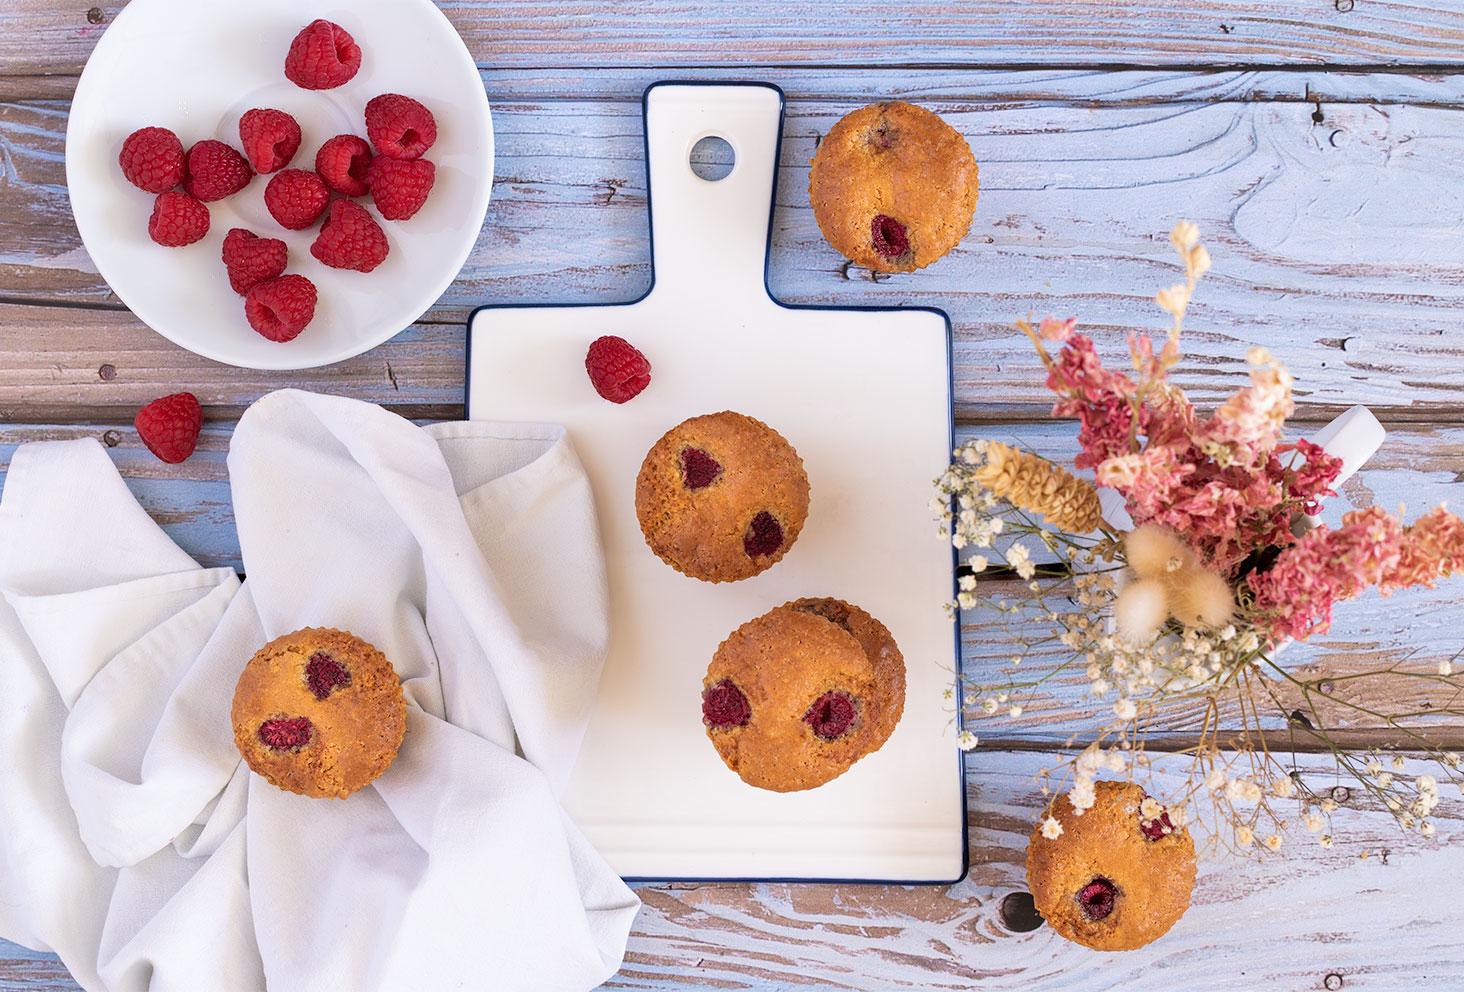 Muffins aux framboises posés sur une planche blanche au milieu de framboises et de fleurs séchées